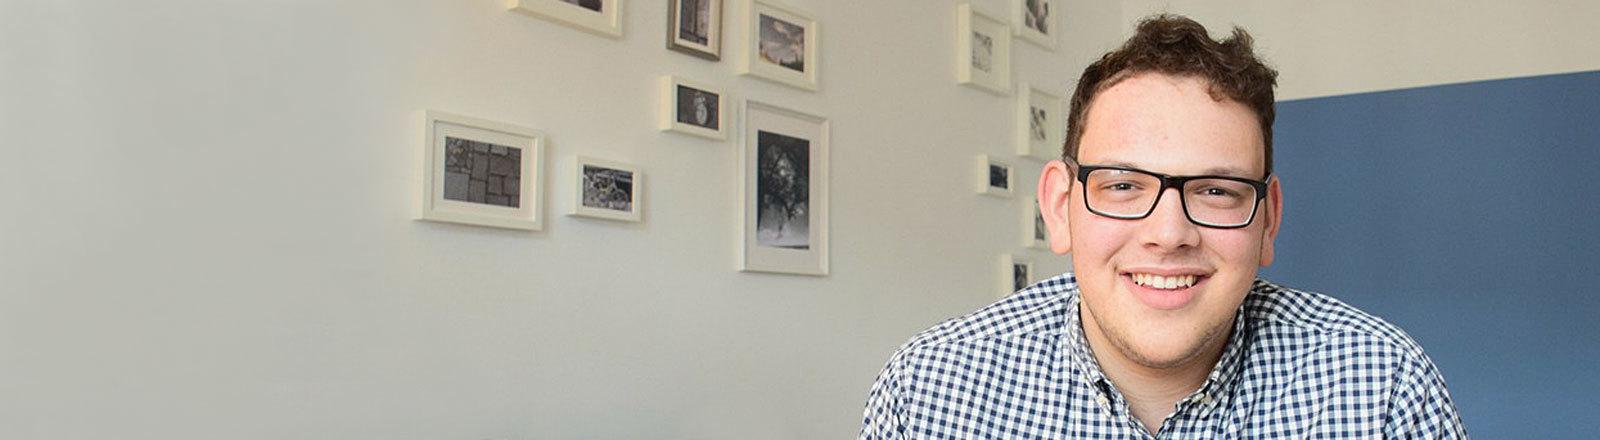 Dow Michael Glikman, Student an der HU Berlin und Mitglied der Jüdischen Studierendenunion Deutschland